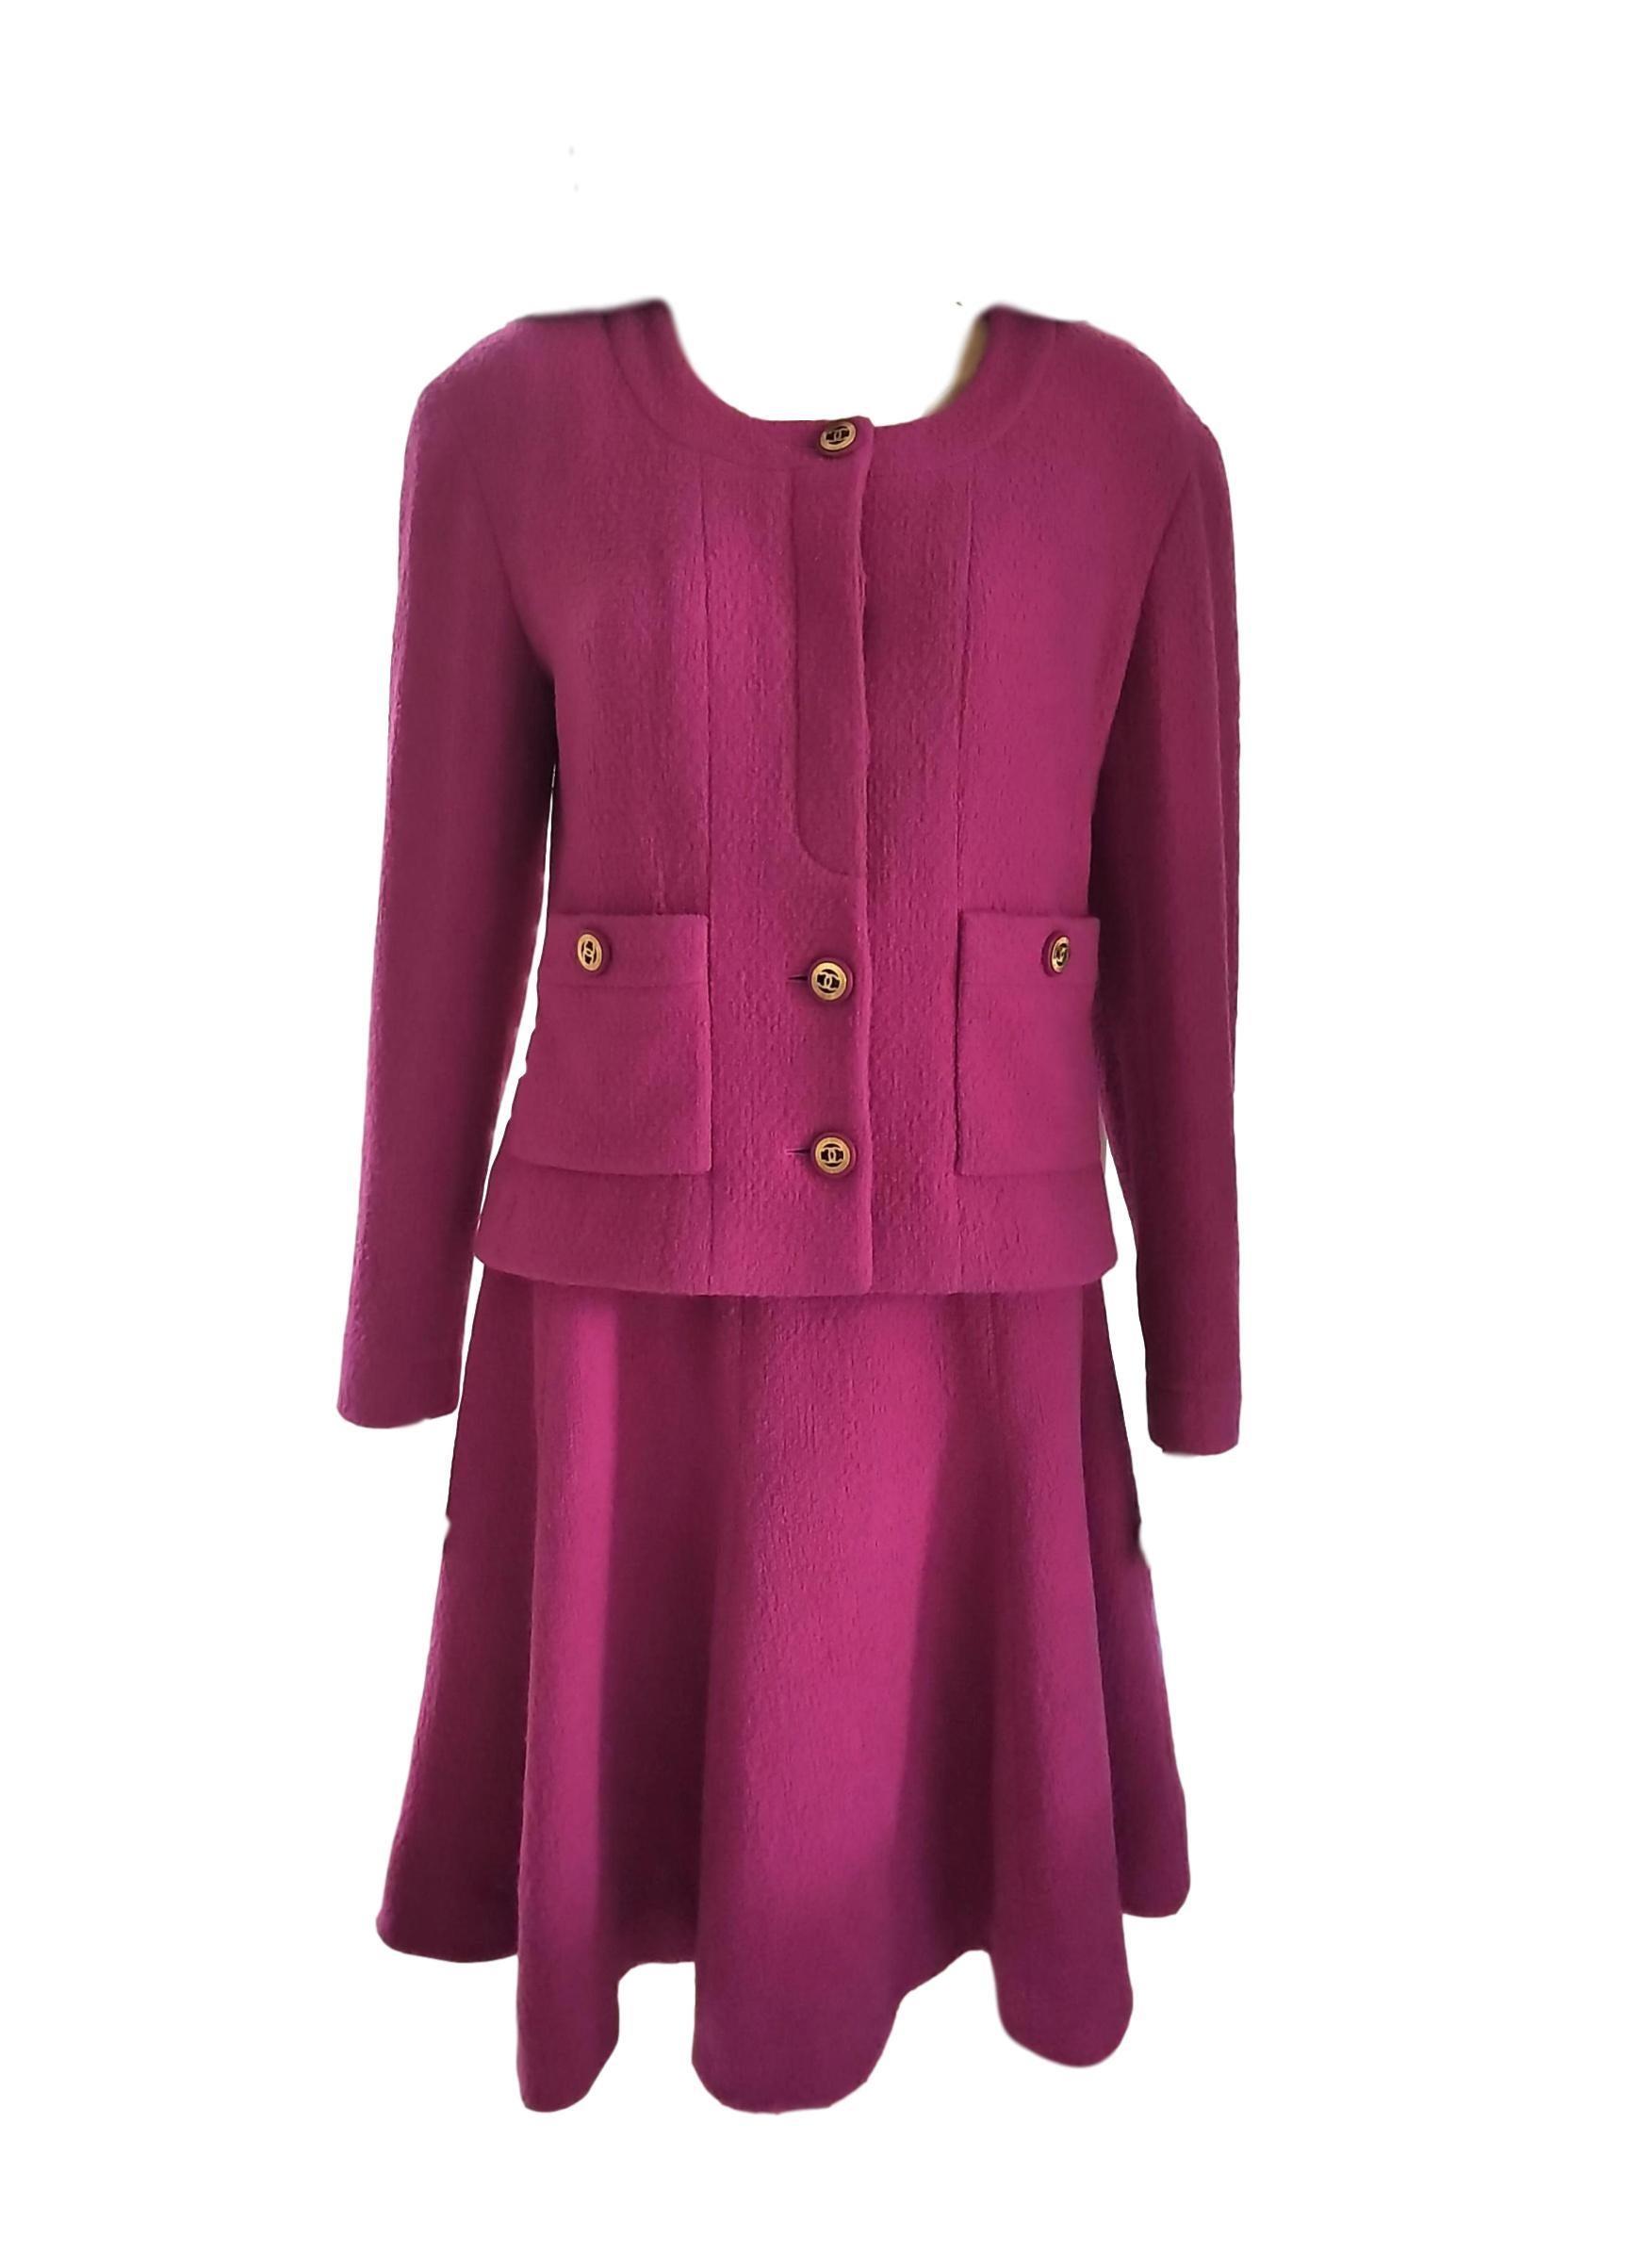 Rare Vintage Chanel 1980's CC Pink Violet Tweed Jacket Skirt Suit FR 40/ US 6 8